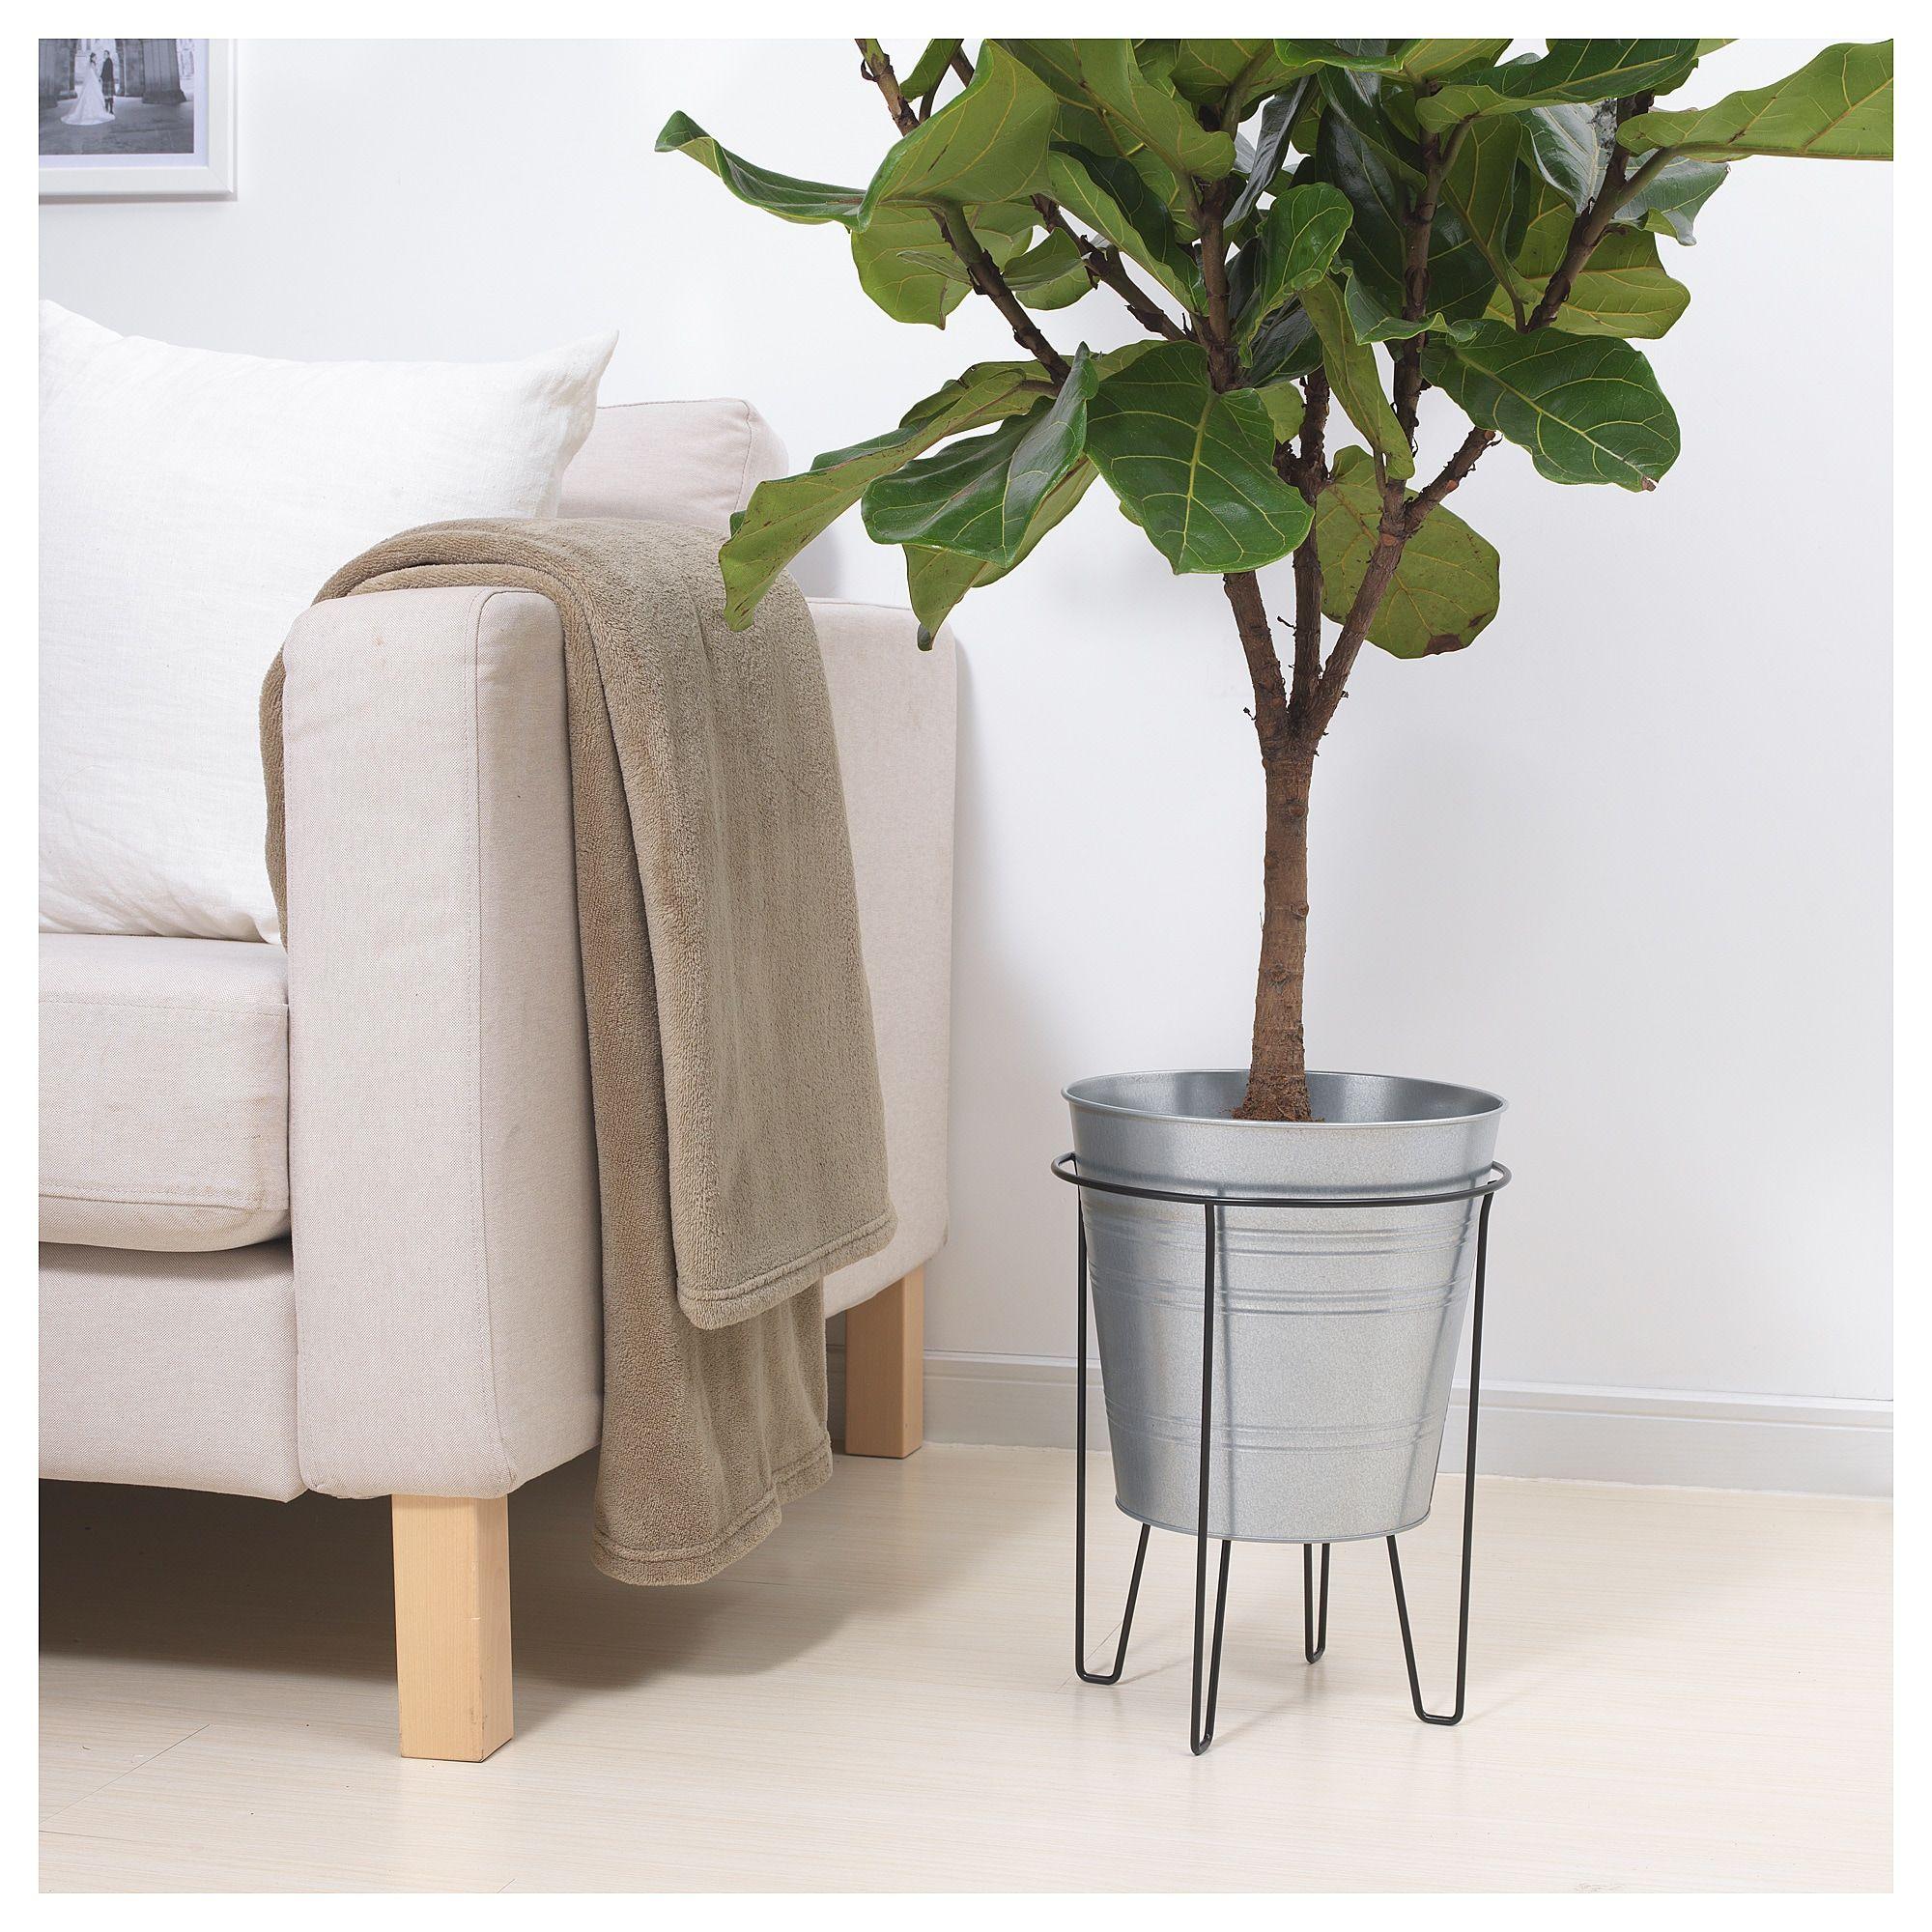 Ikea Svartpeppar Plant Stand Indooroutdoor Black Home